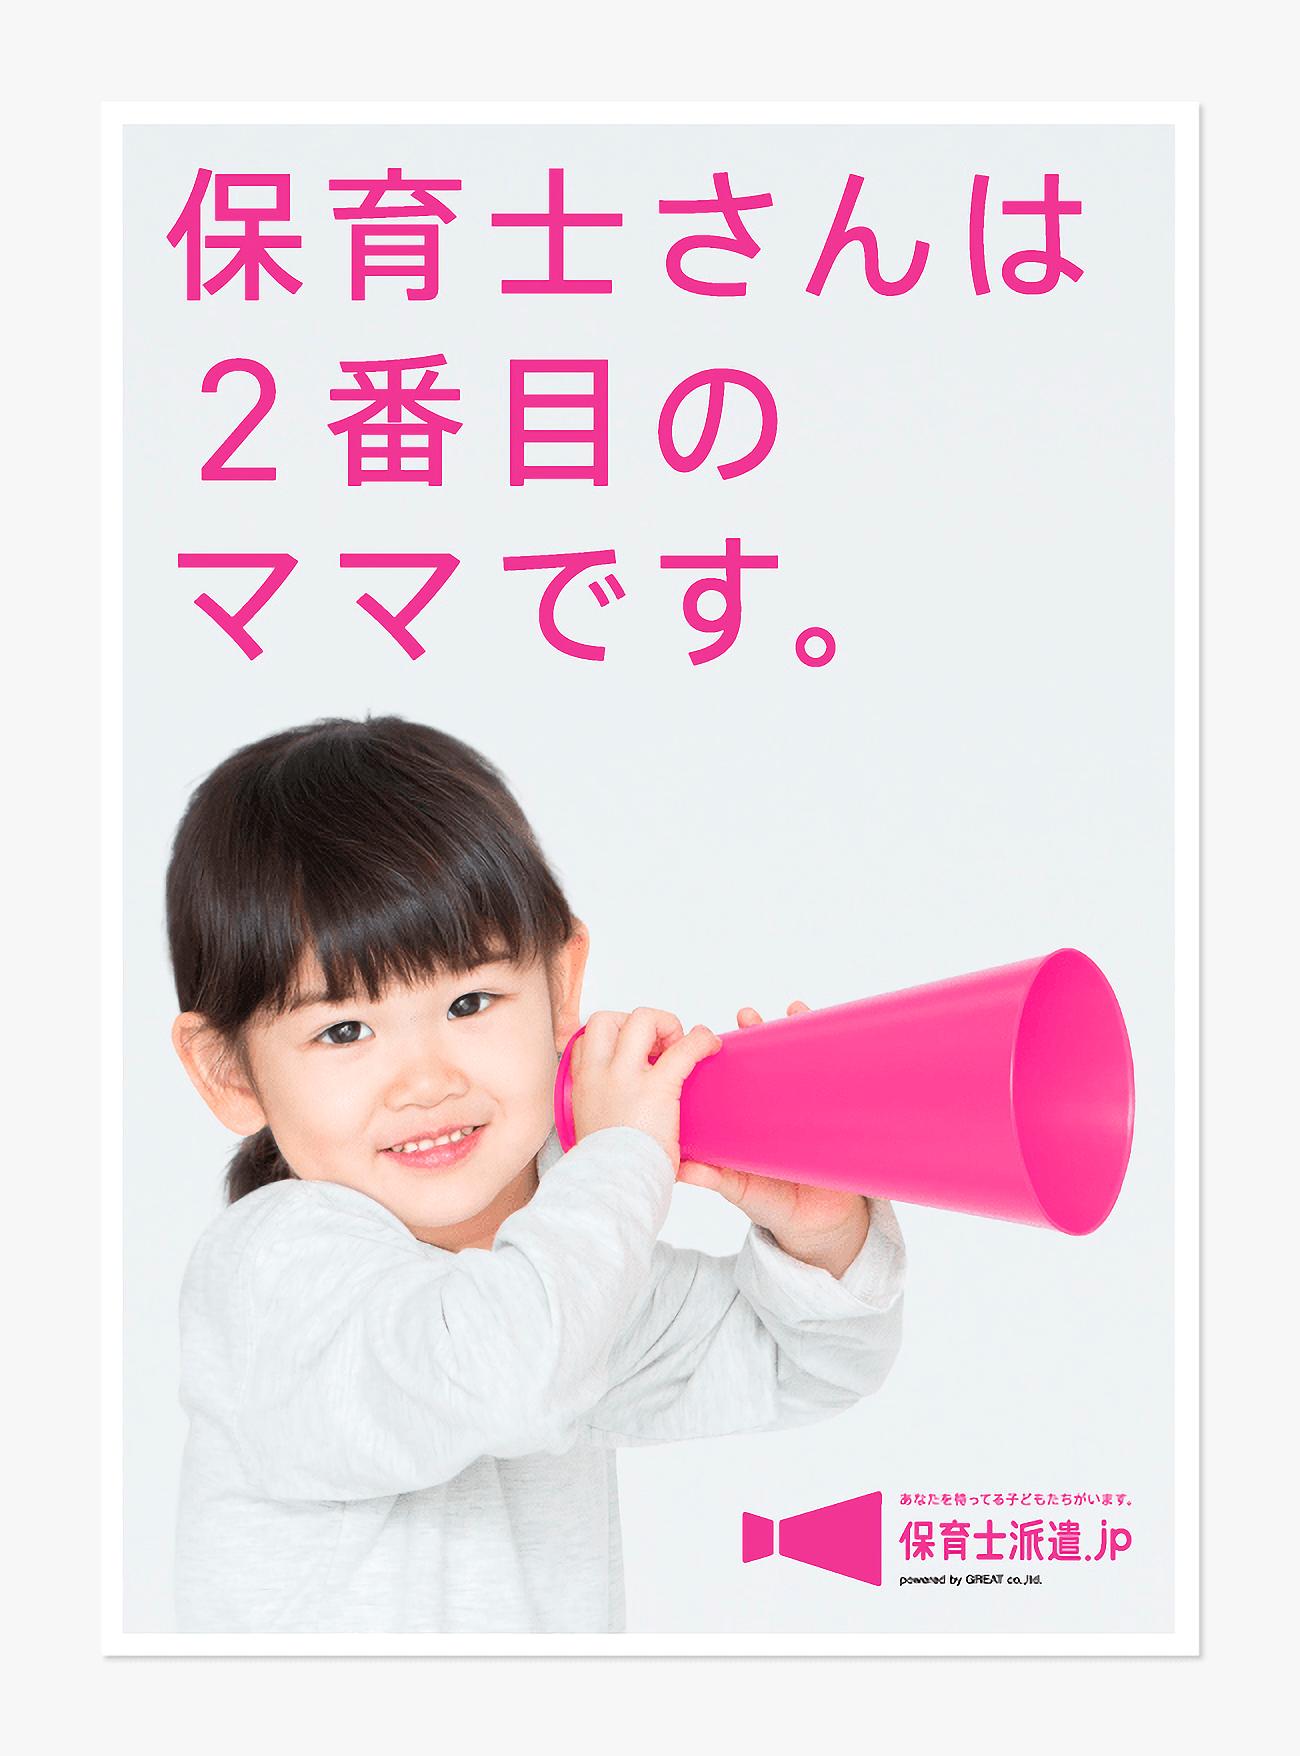 グレート「保育士派遣.jp」